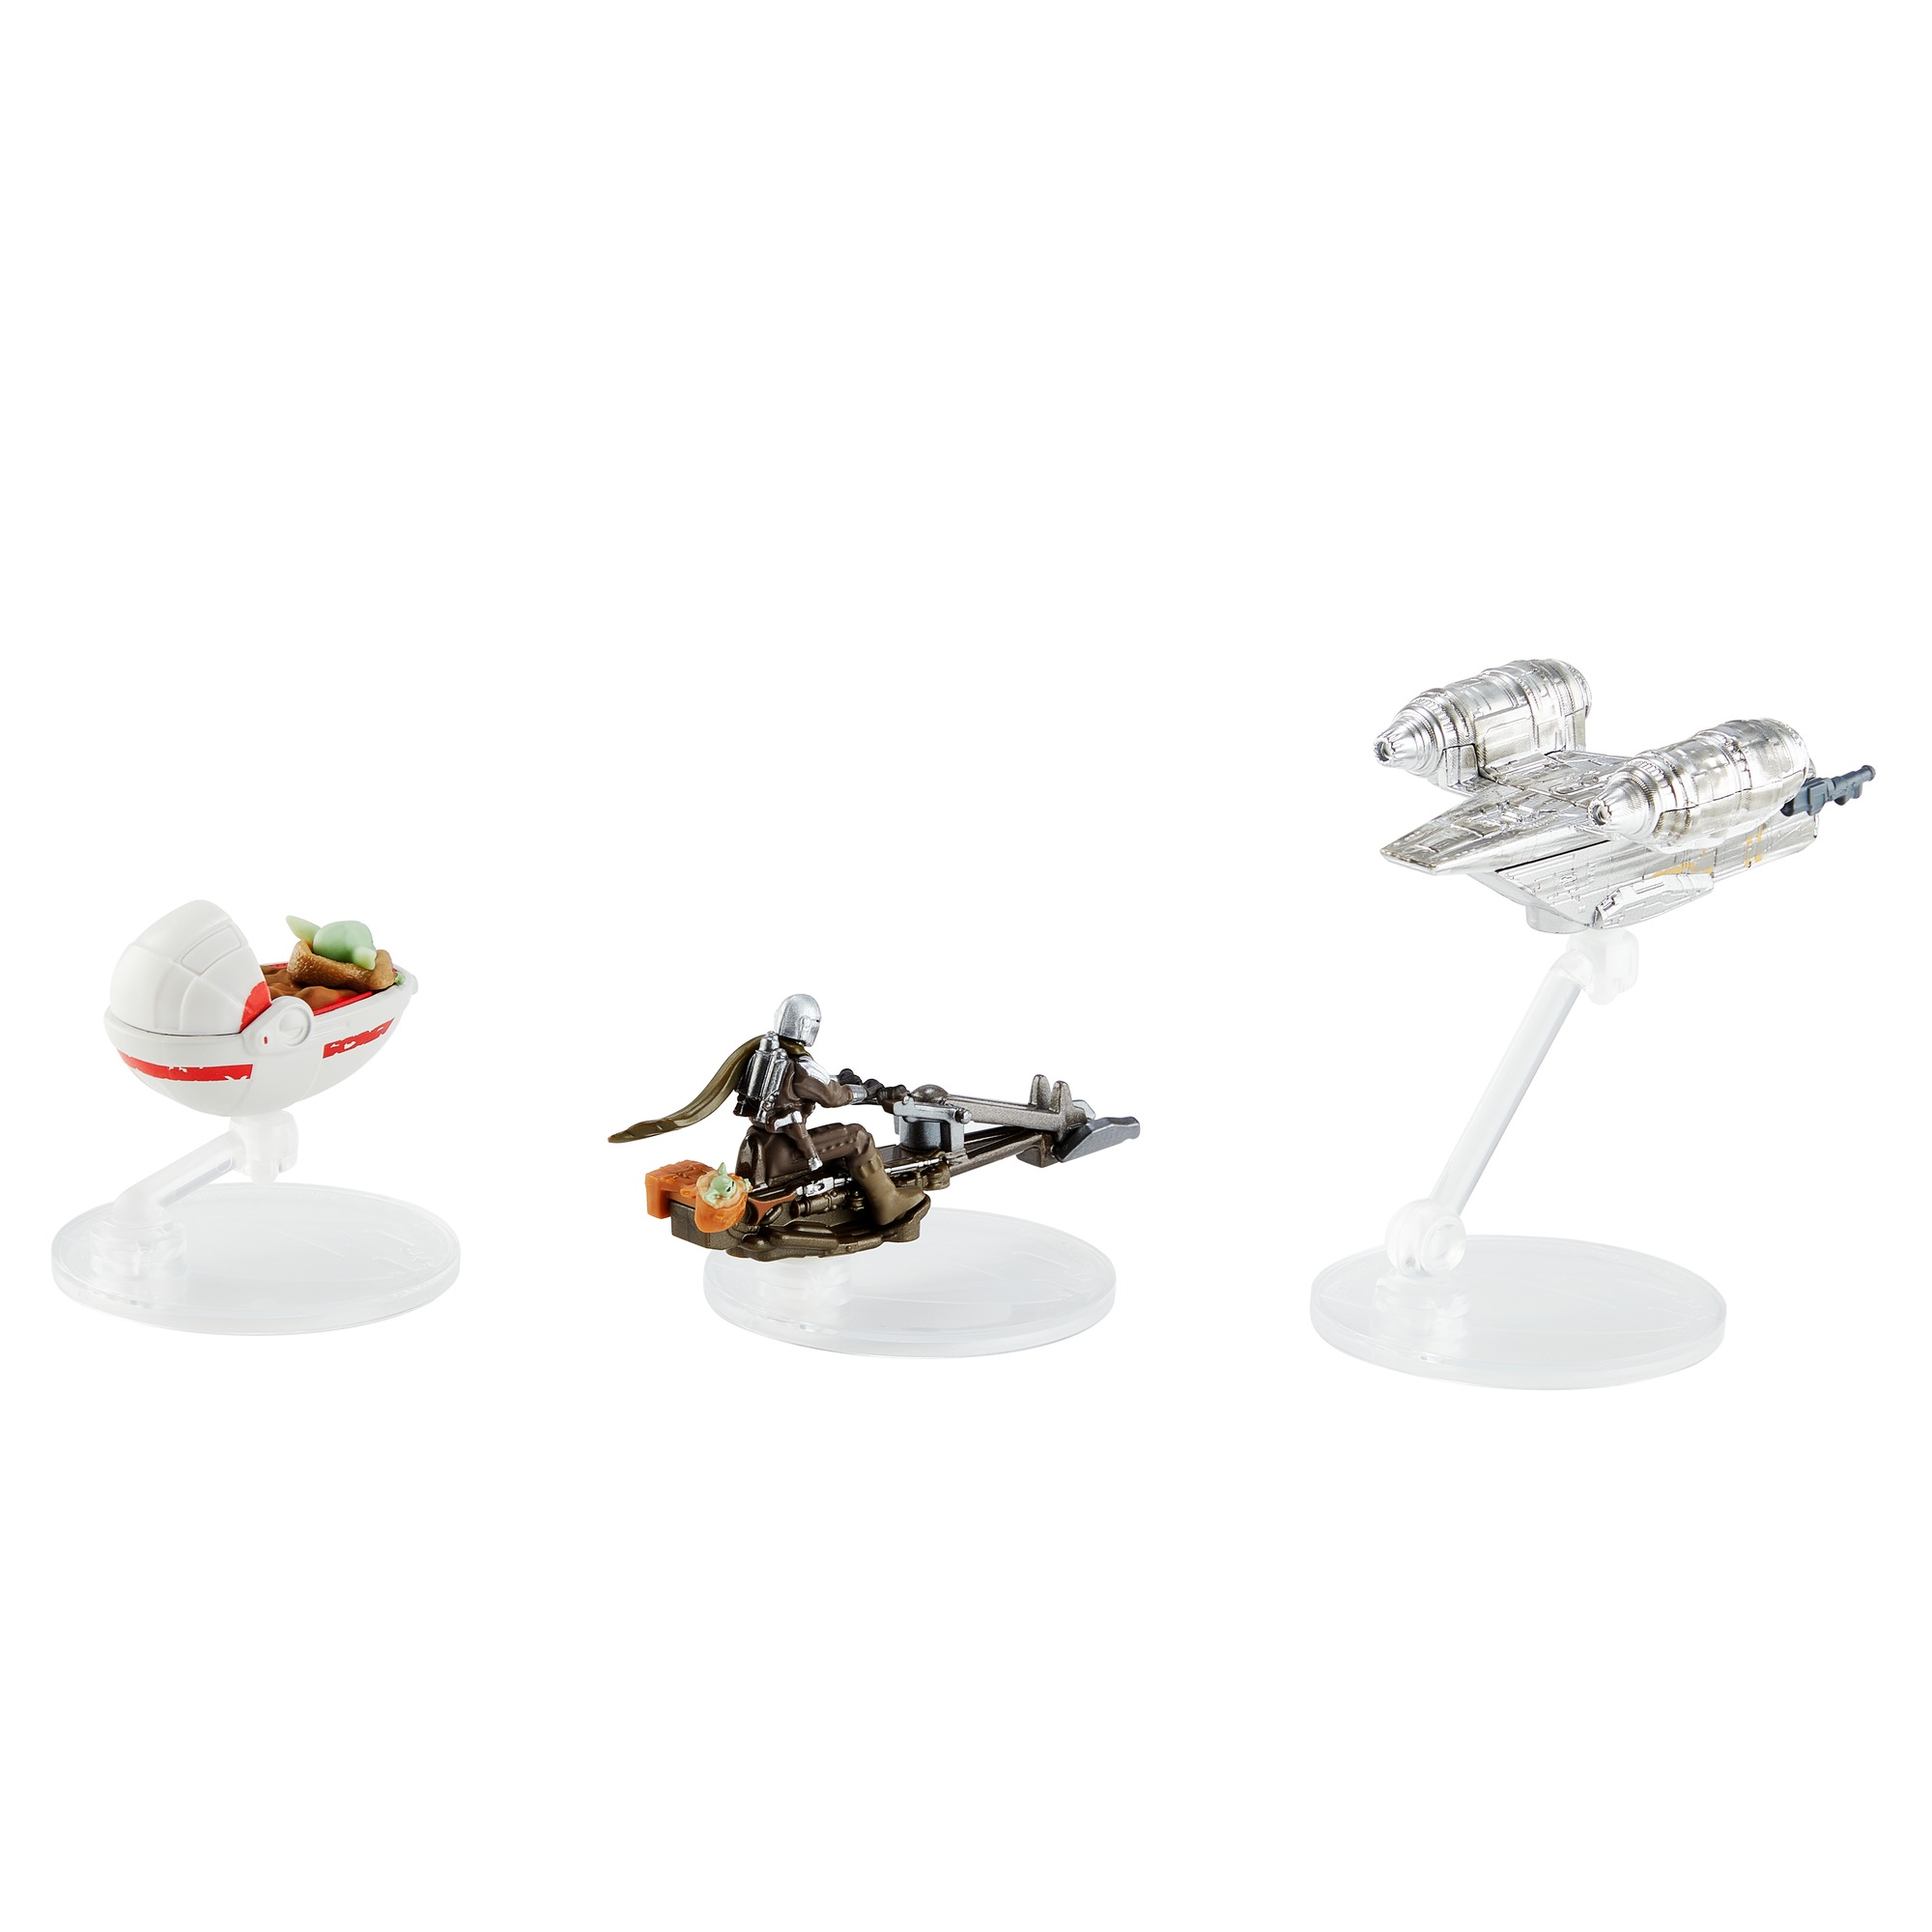 TM Hot Wheels Die-Cast Vehicle Starships 3-Pack 3